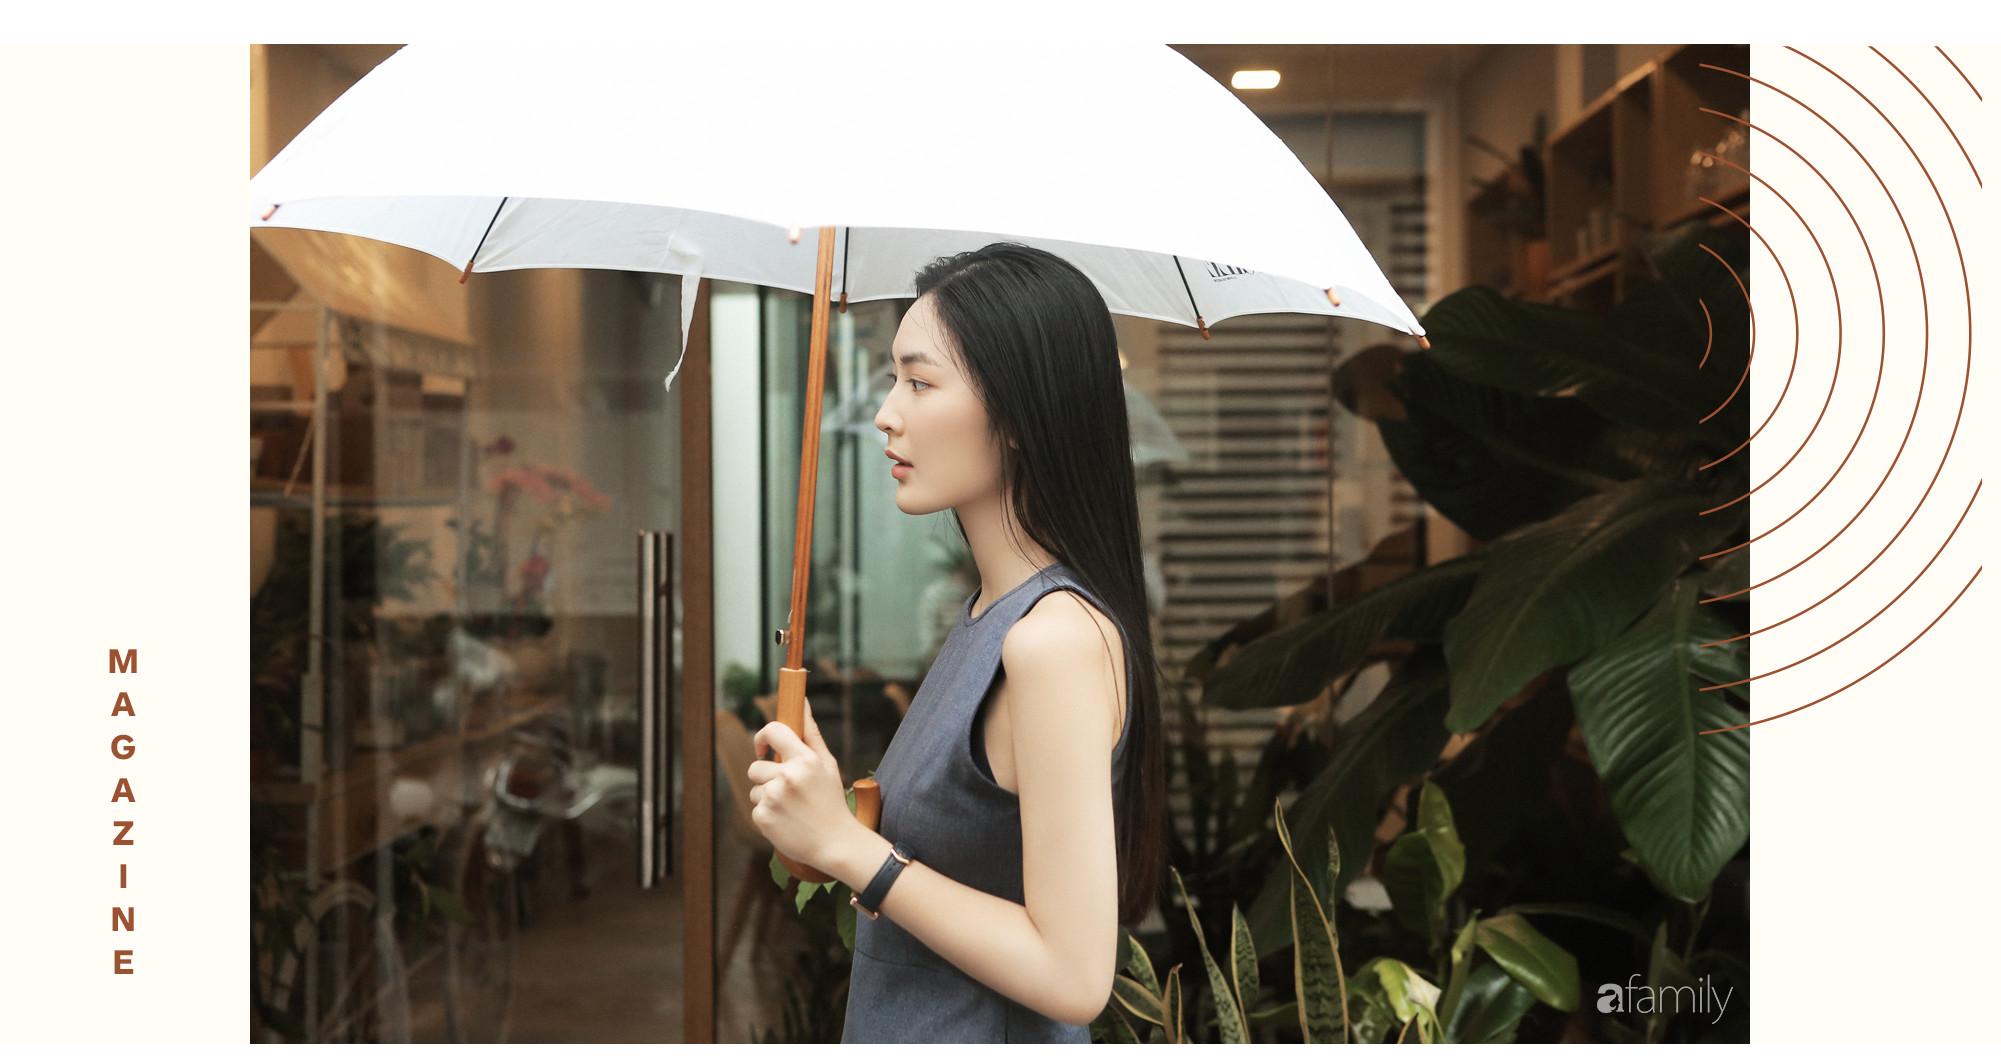 Helly Tống 22 tuổi: Từ hot girl thành giám đốc khởi nghiệp rồi trở về ăn chay trường, sống với cỏ cây và thiền định - Ảnh 5.